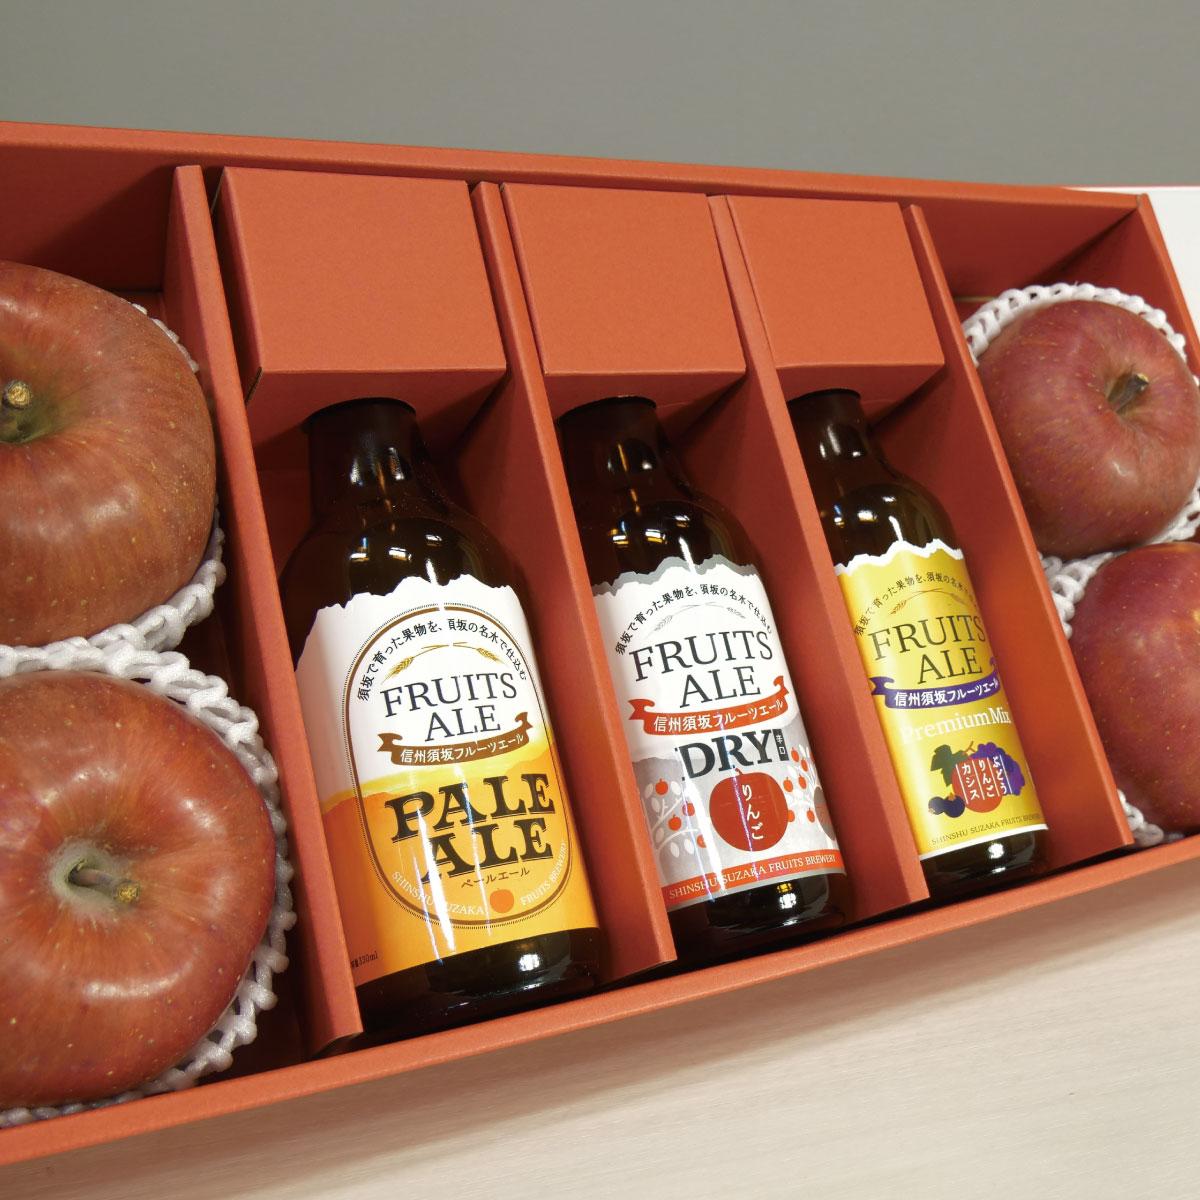 【ふるさと納税】信州須坂フルーツエールビール好きの方向け3種類・季節のりんご4個セット【お酒・フルーツビール・りんご】